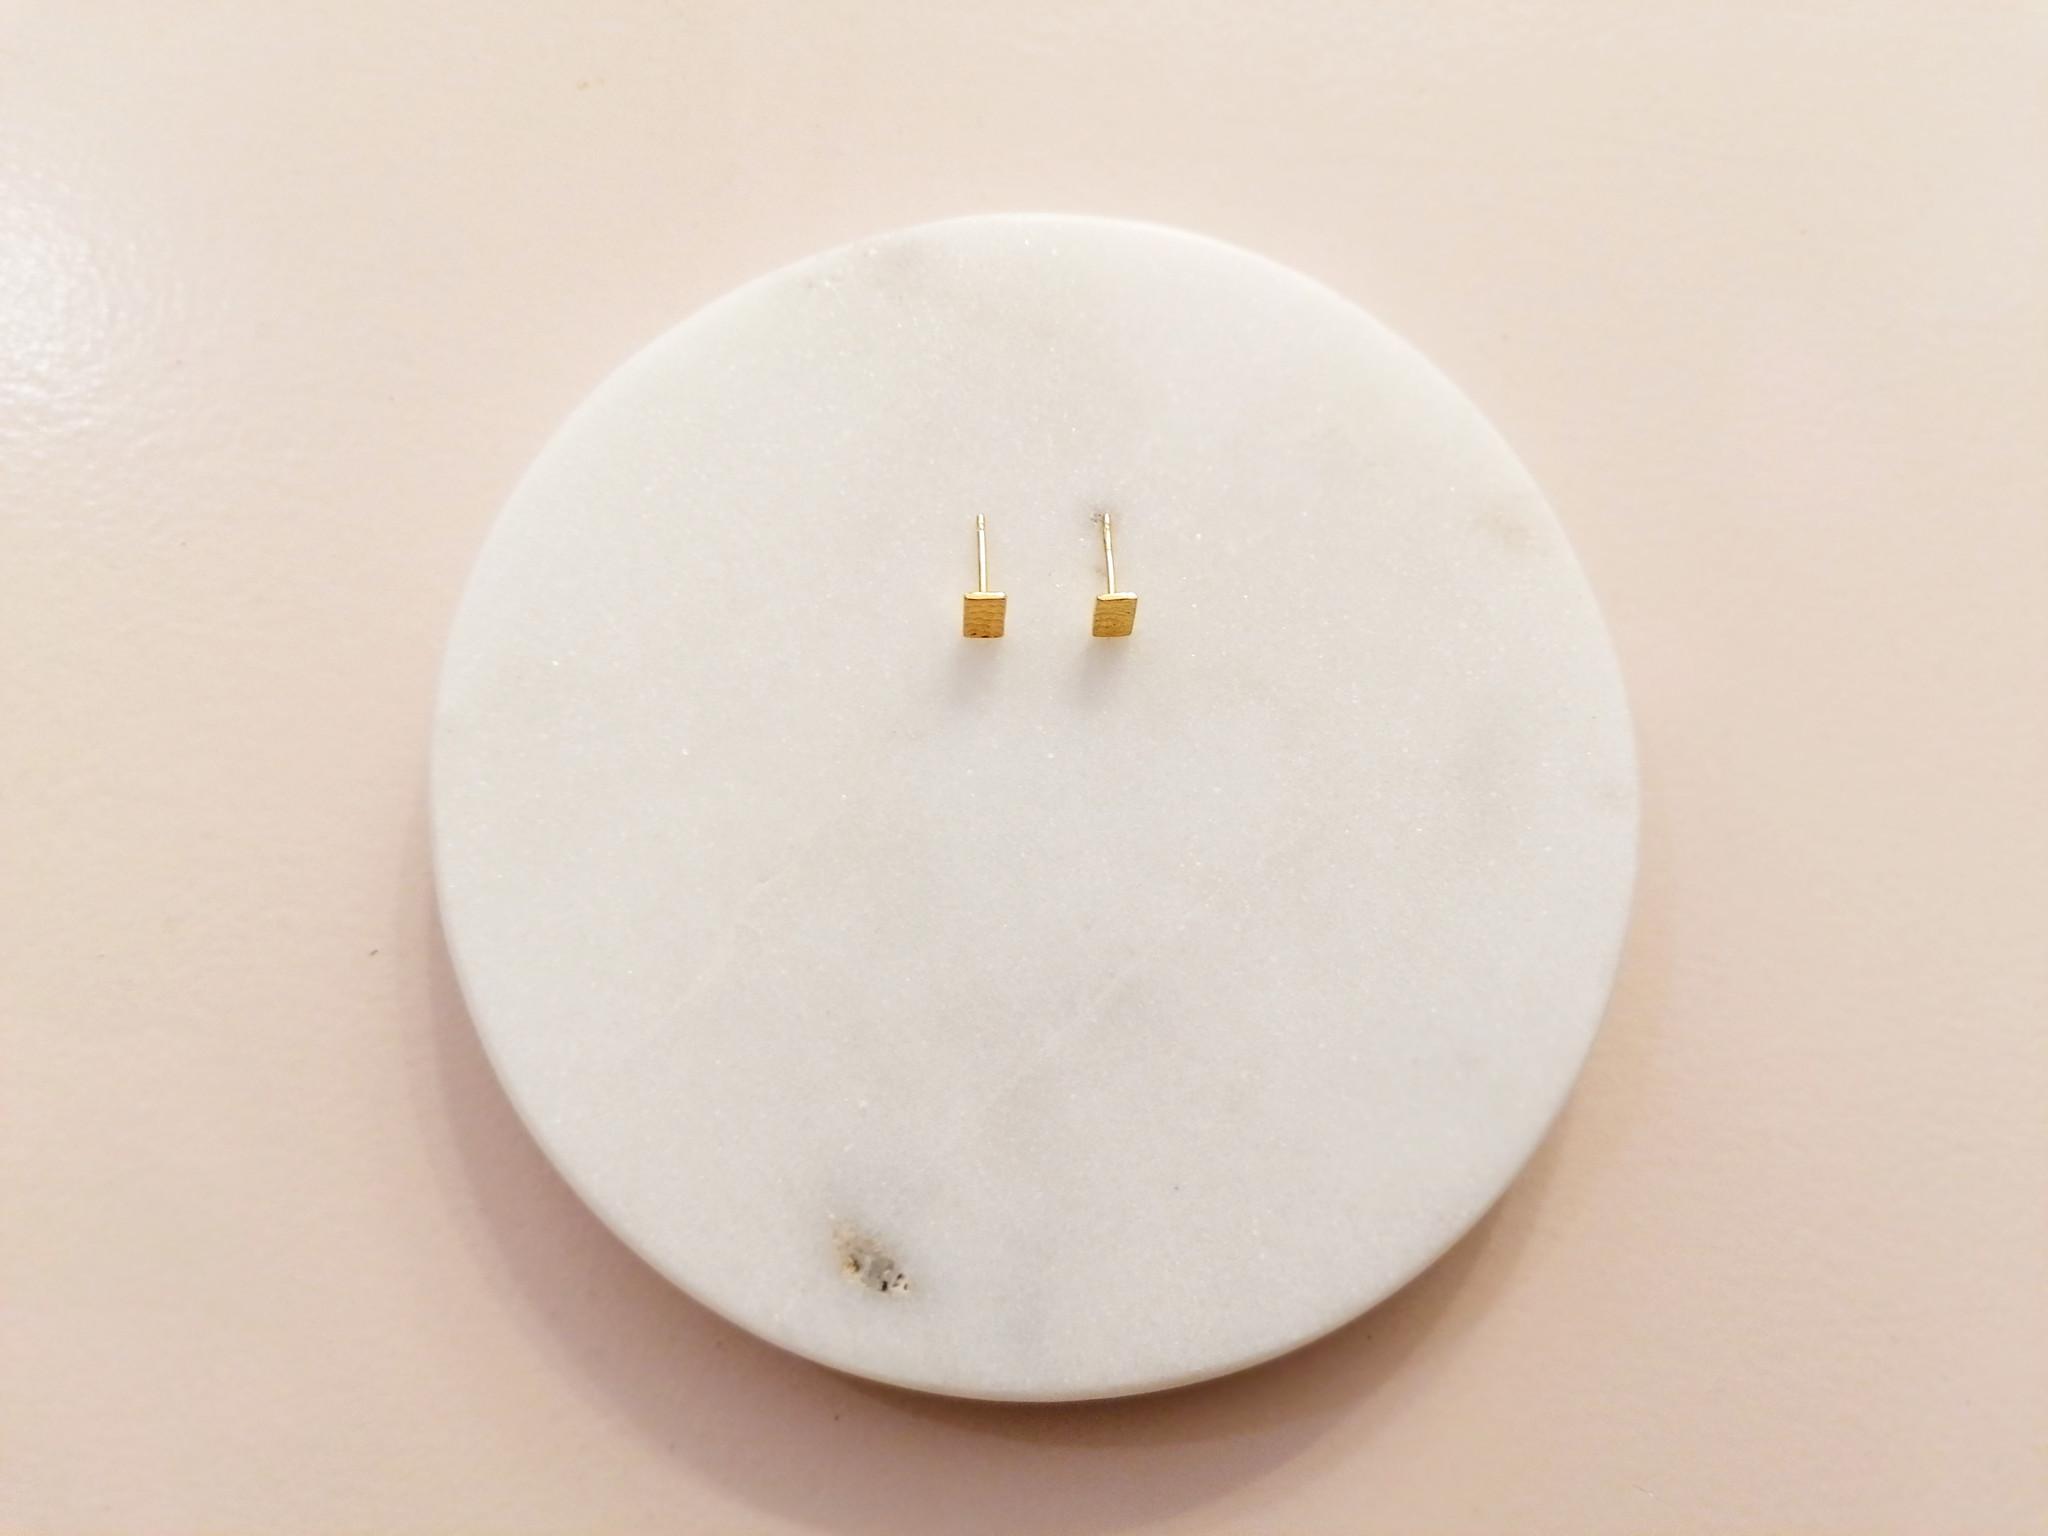 Puristische Ohrstecker Rechteck aus 925er Sterling Silber - Gold doubliert-4